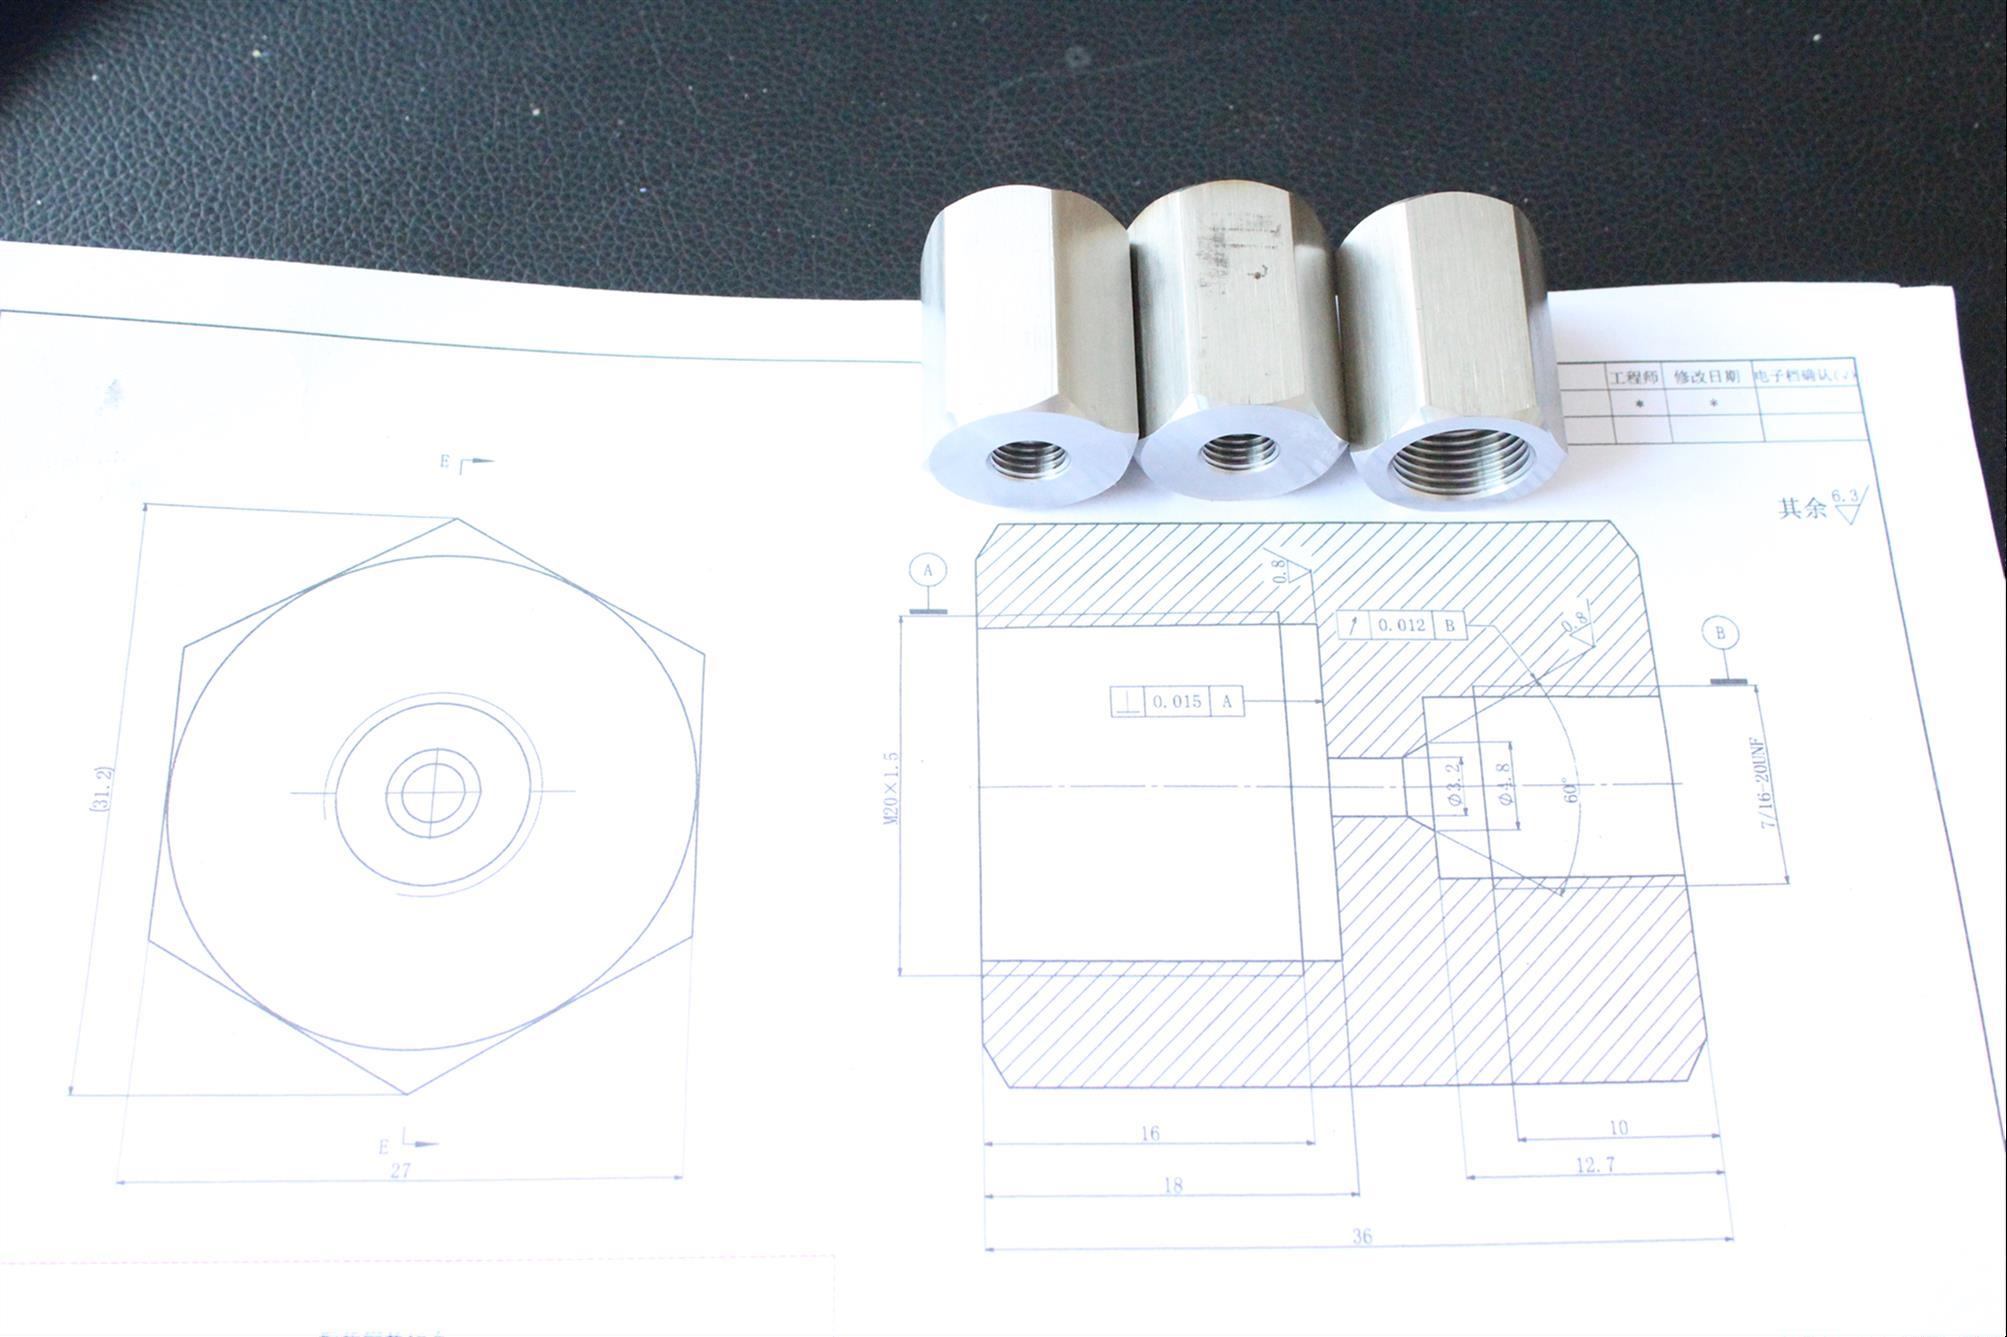 石龙仔非标定制内外螺纹转换接头厂